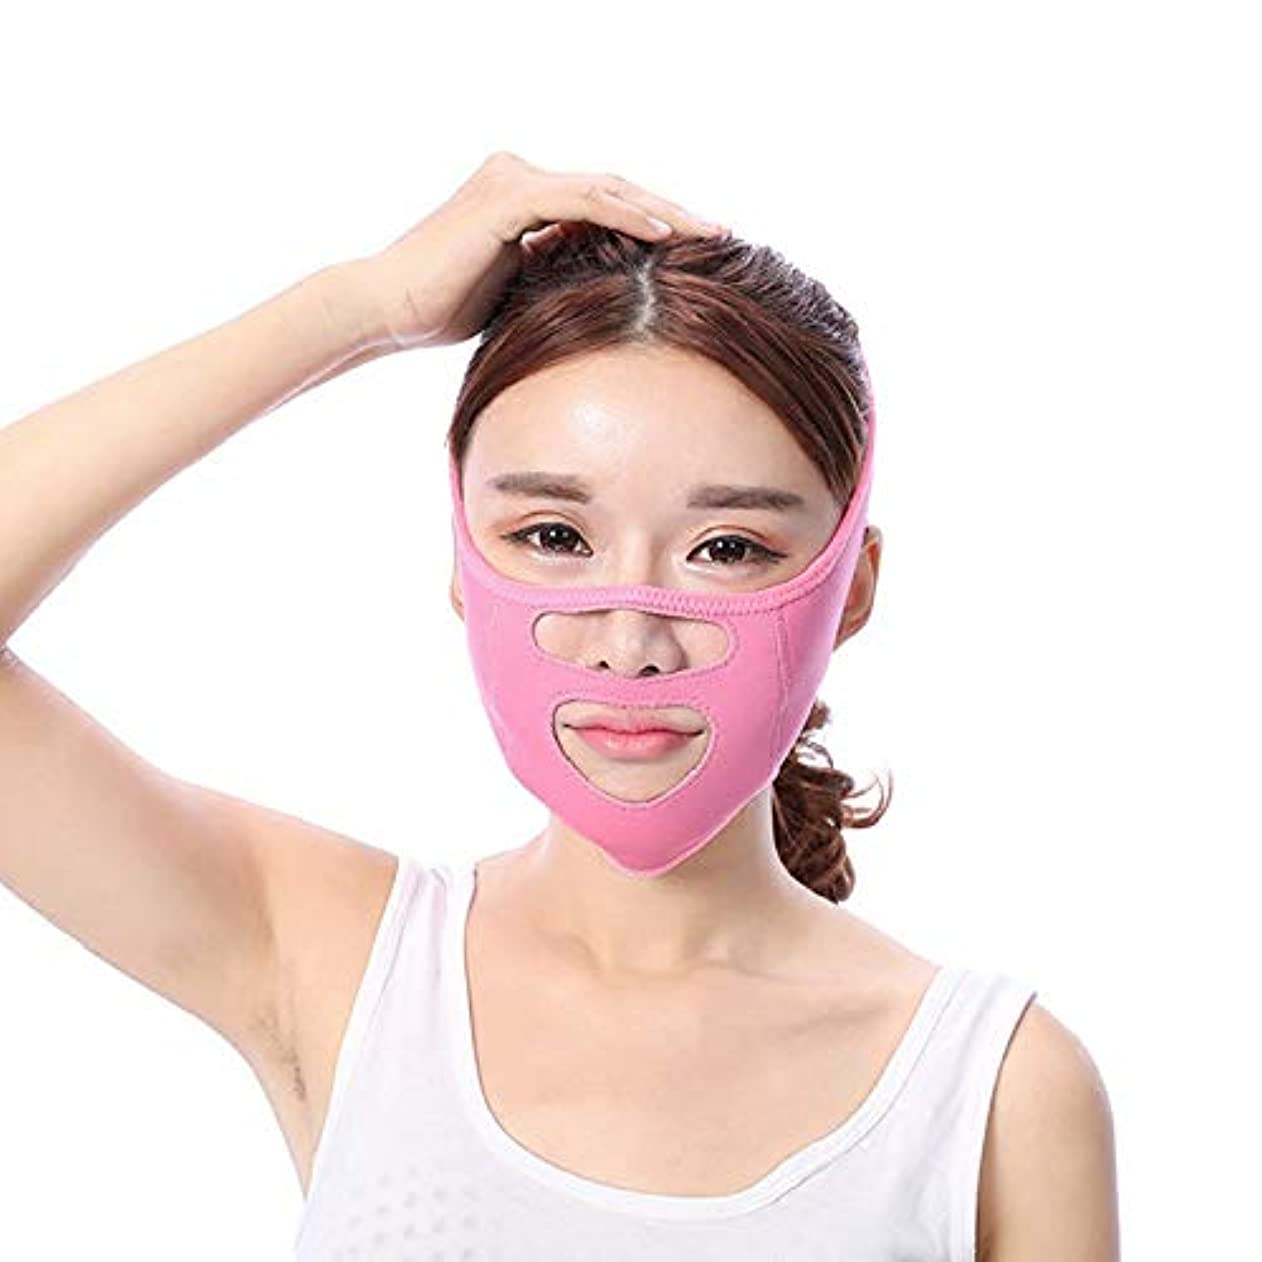 異邦人適度に経由でフェイスリフトベルト フェイスリフトベルトフェイスバンデージ美容機器リフティングファインディングダブルチン法令Vマスク睡眠マスク通気性